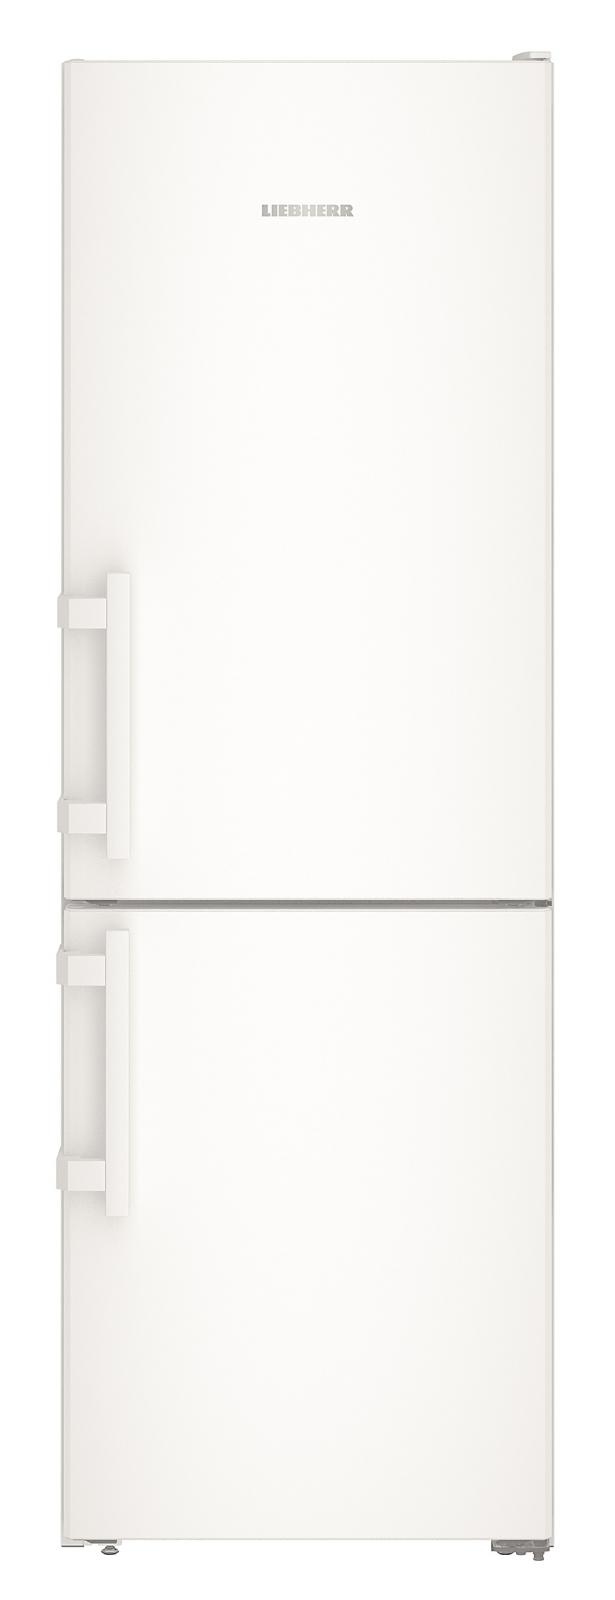 купить Двухкамерный холодильник Liebherr C 3425 Украина фото 1